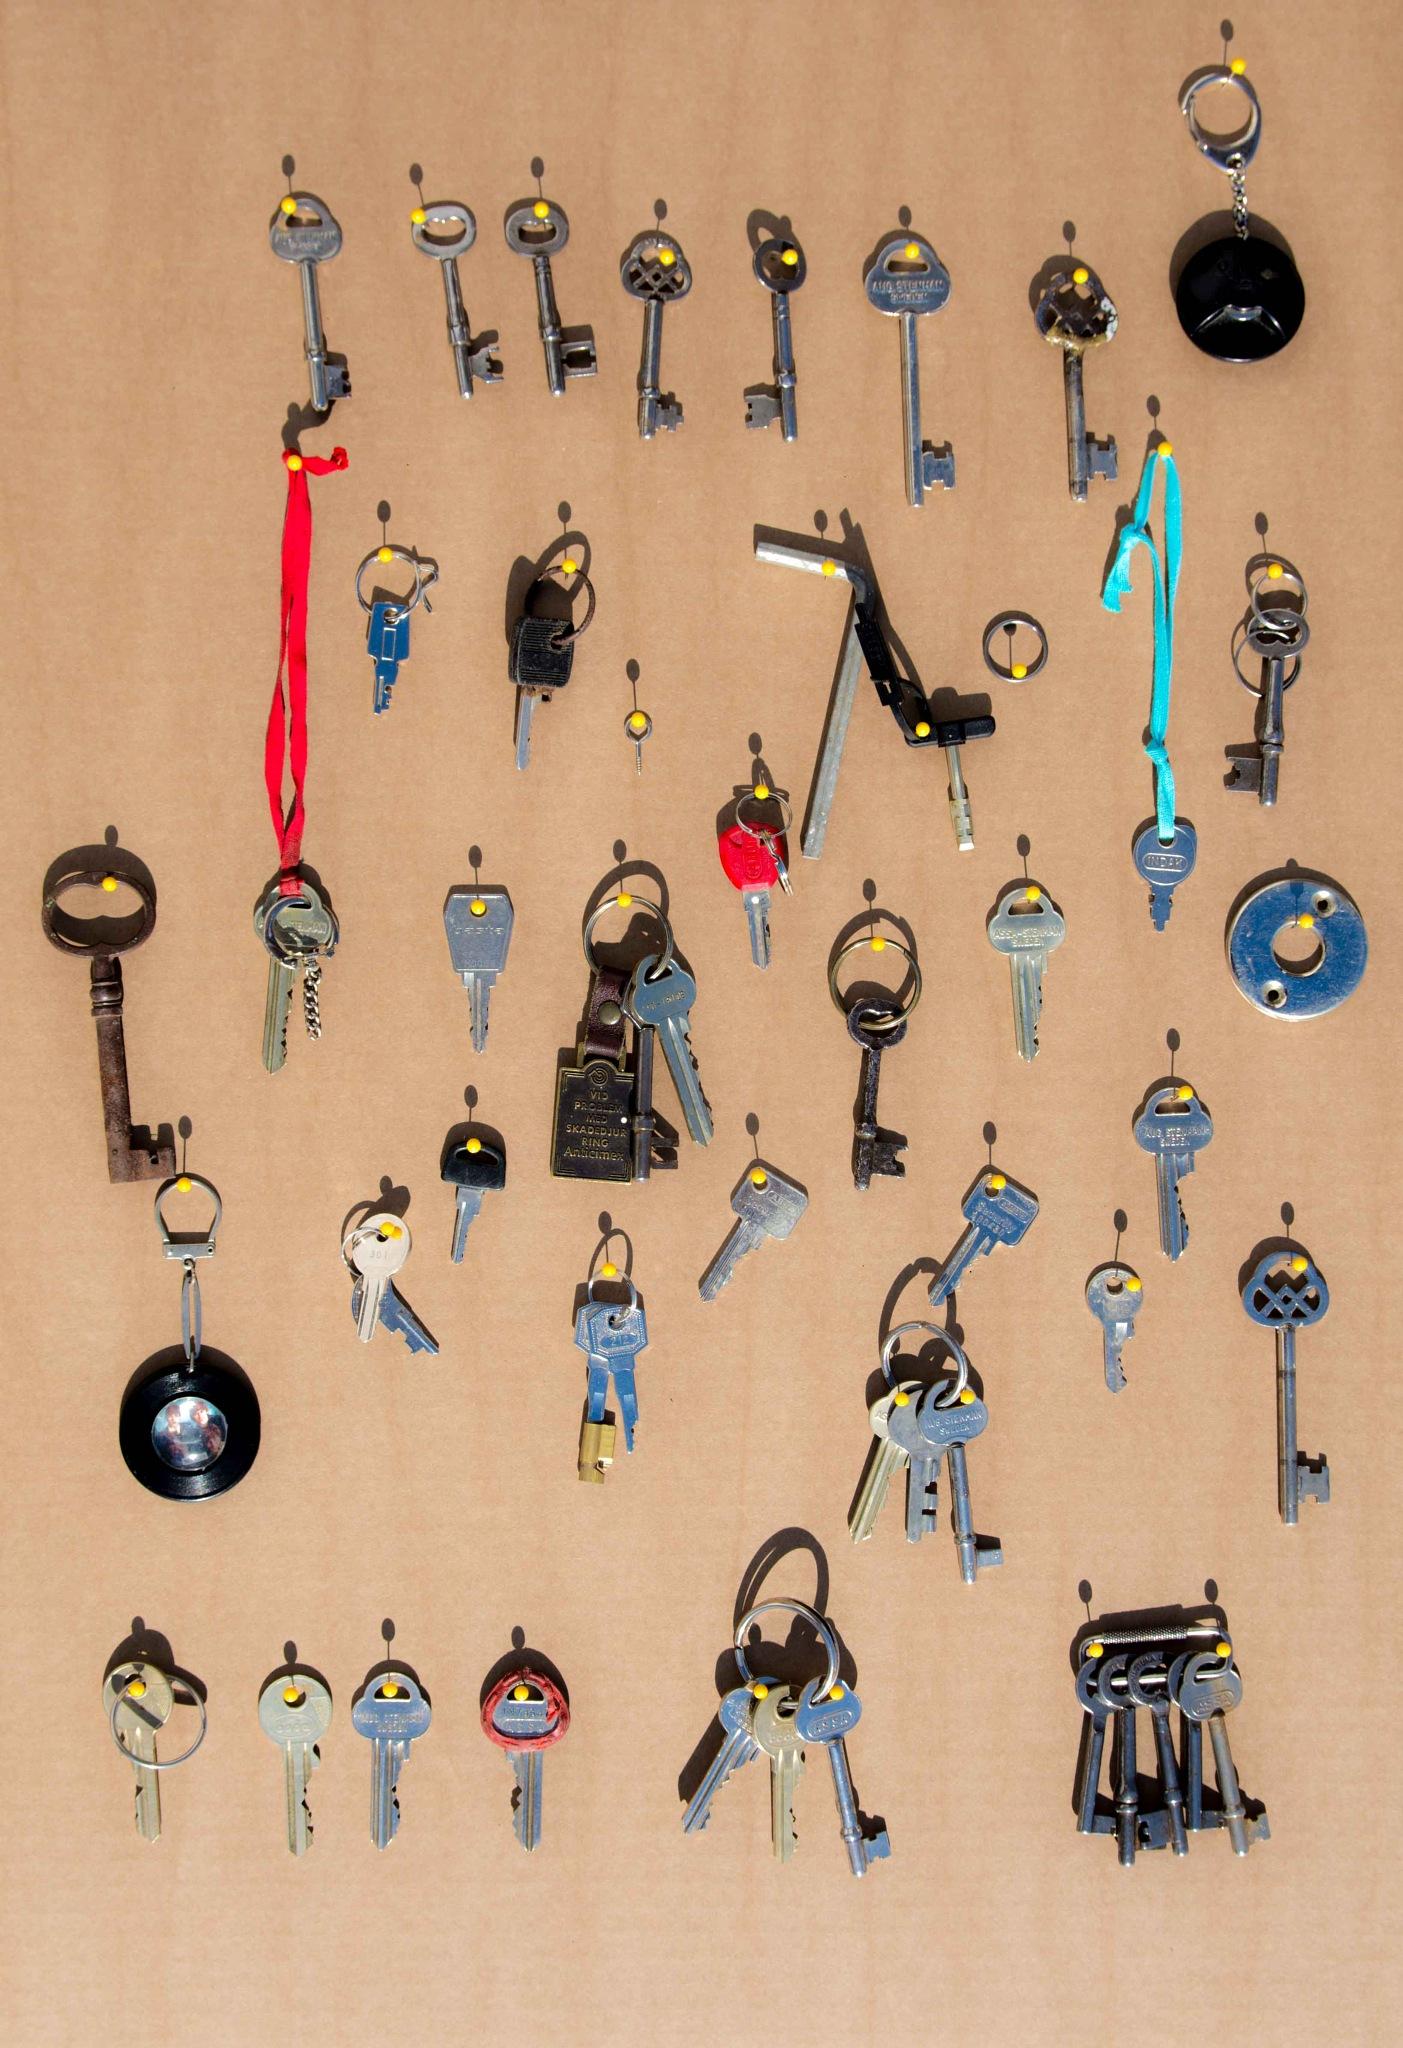 Keys by Staffan Håkansson